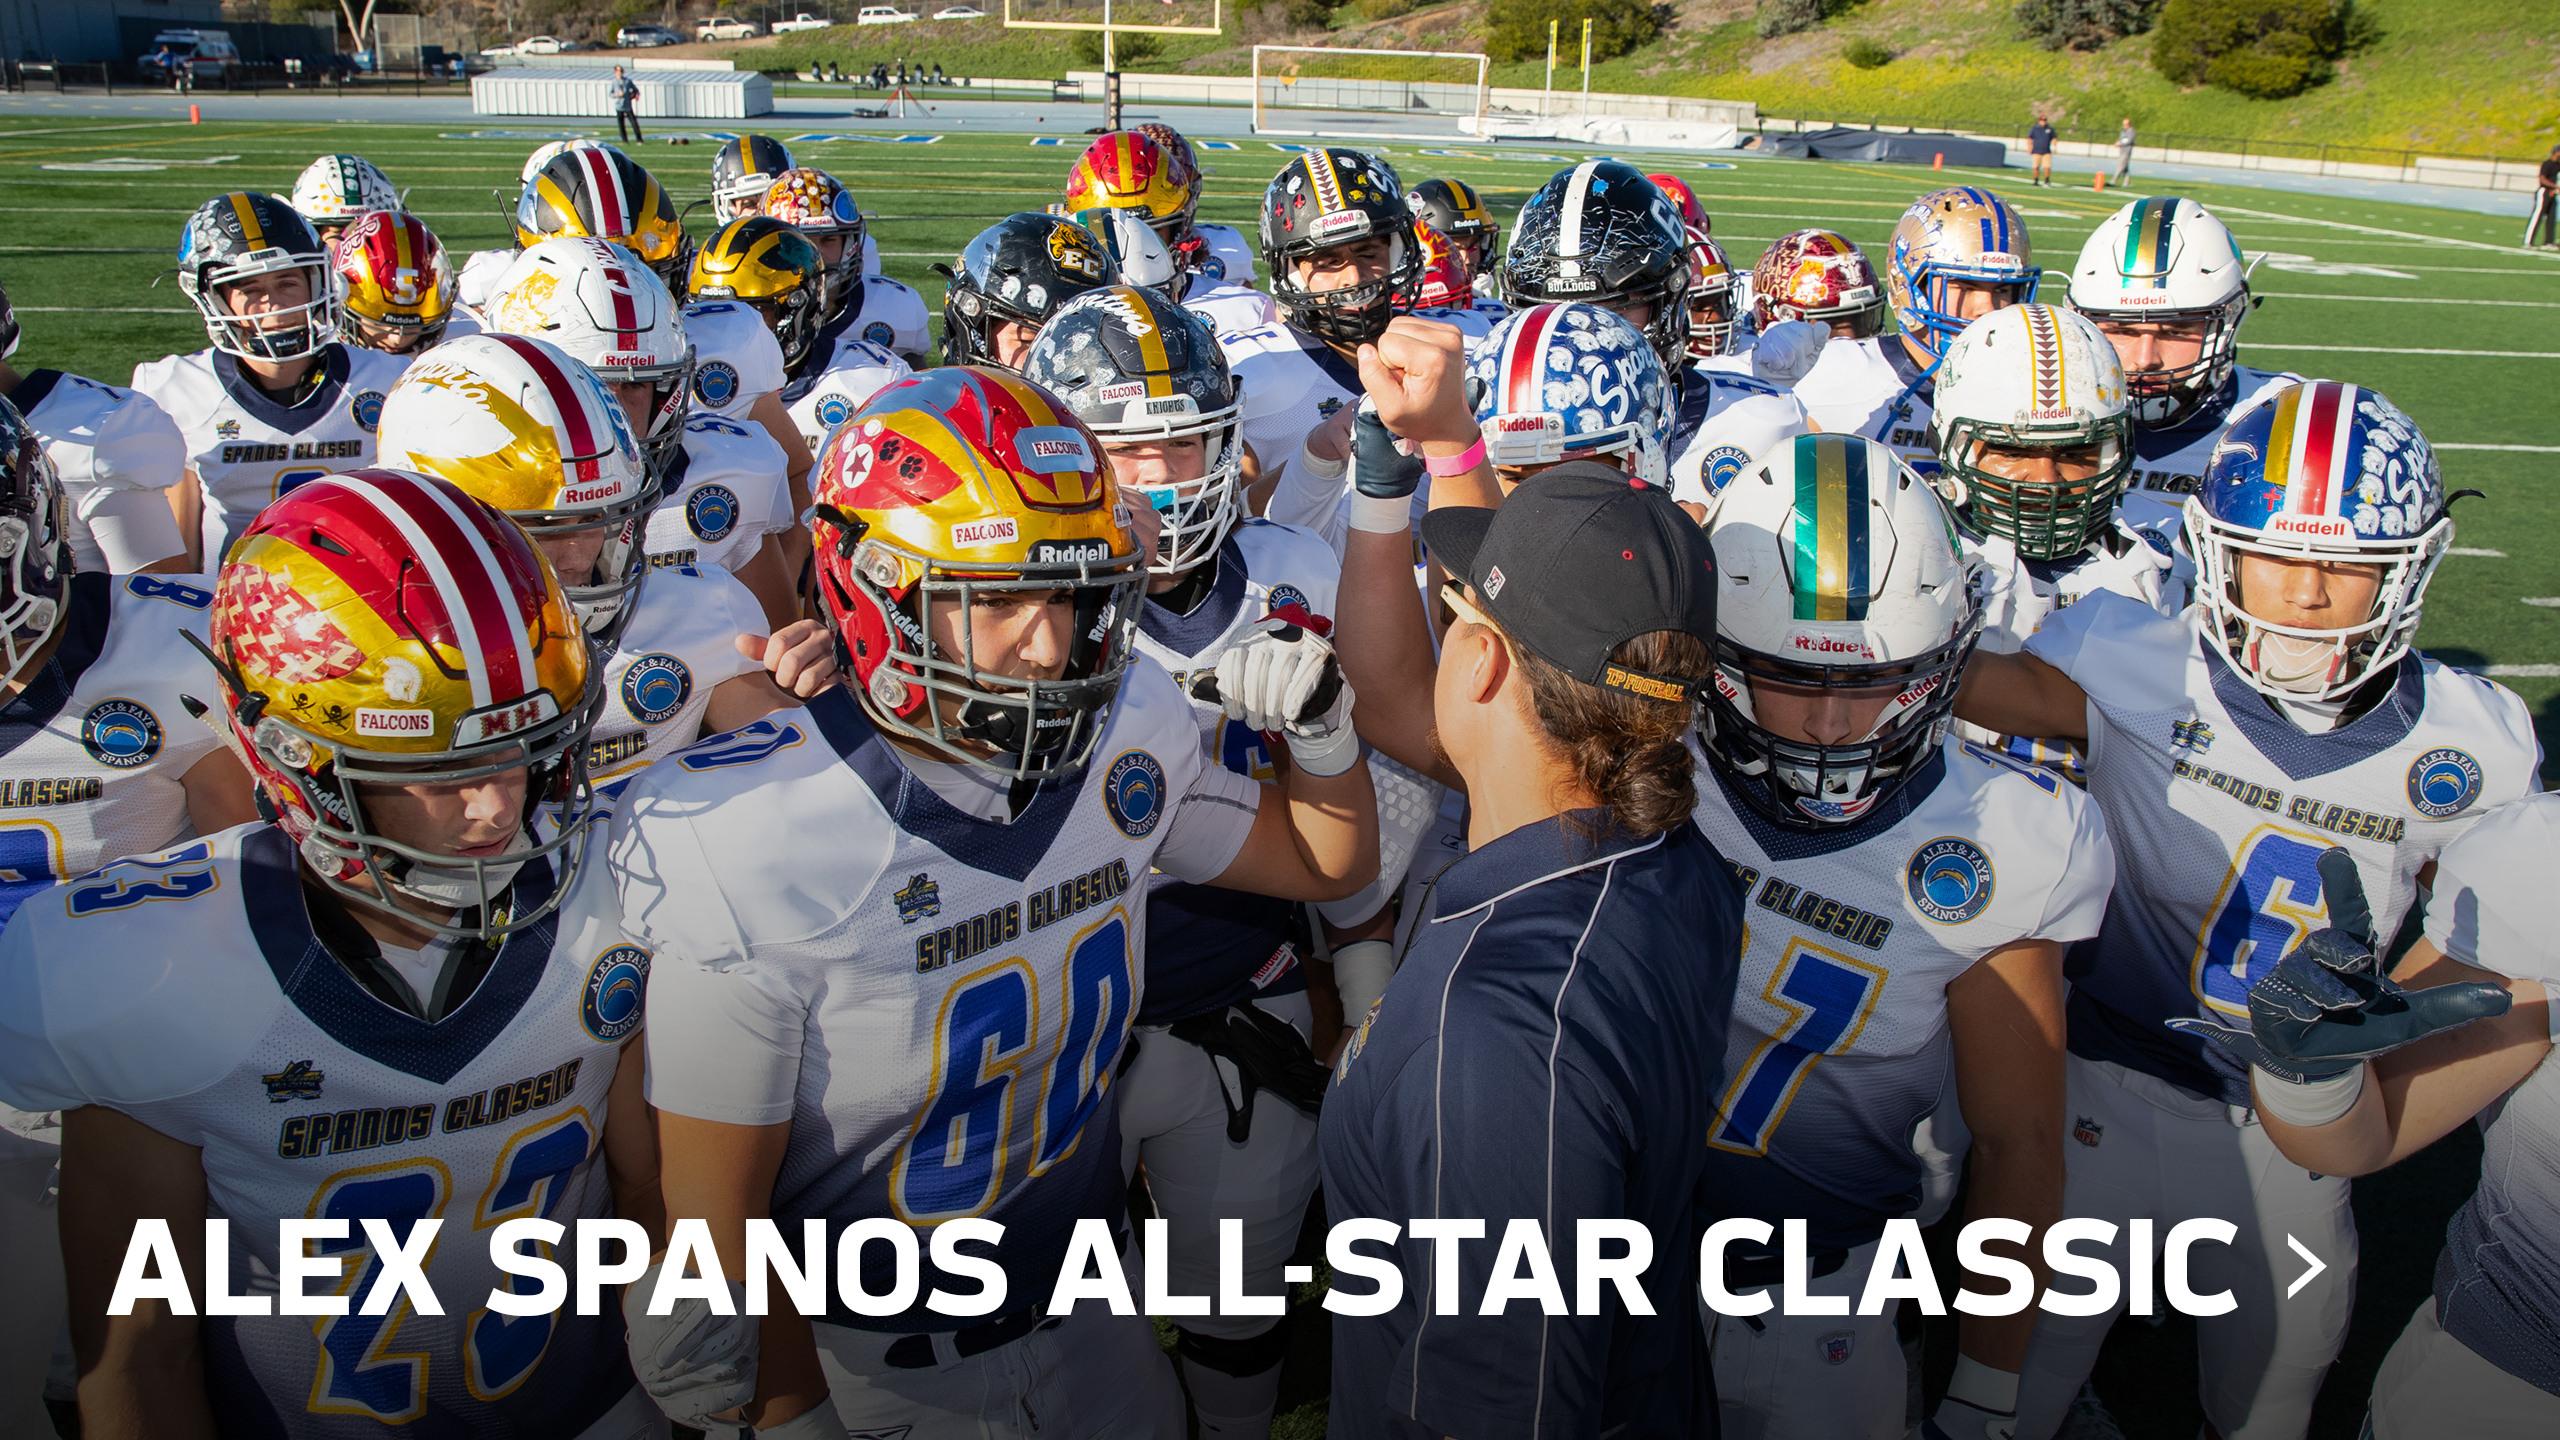 Alex Spanos All-Star Classic